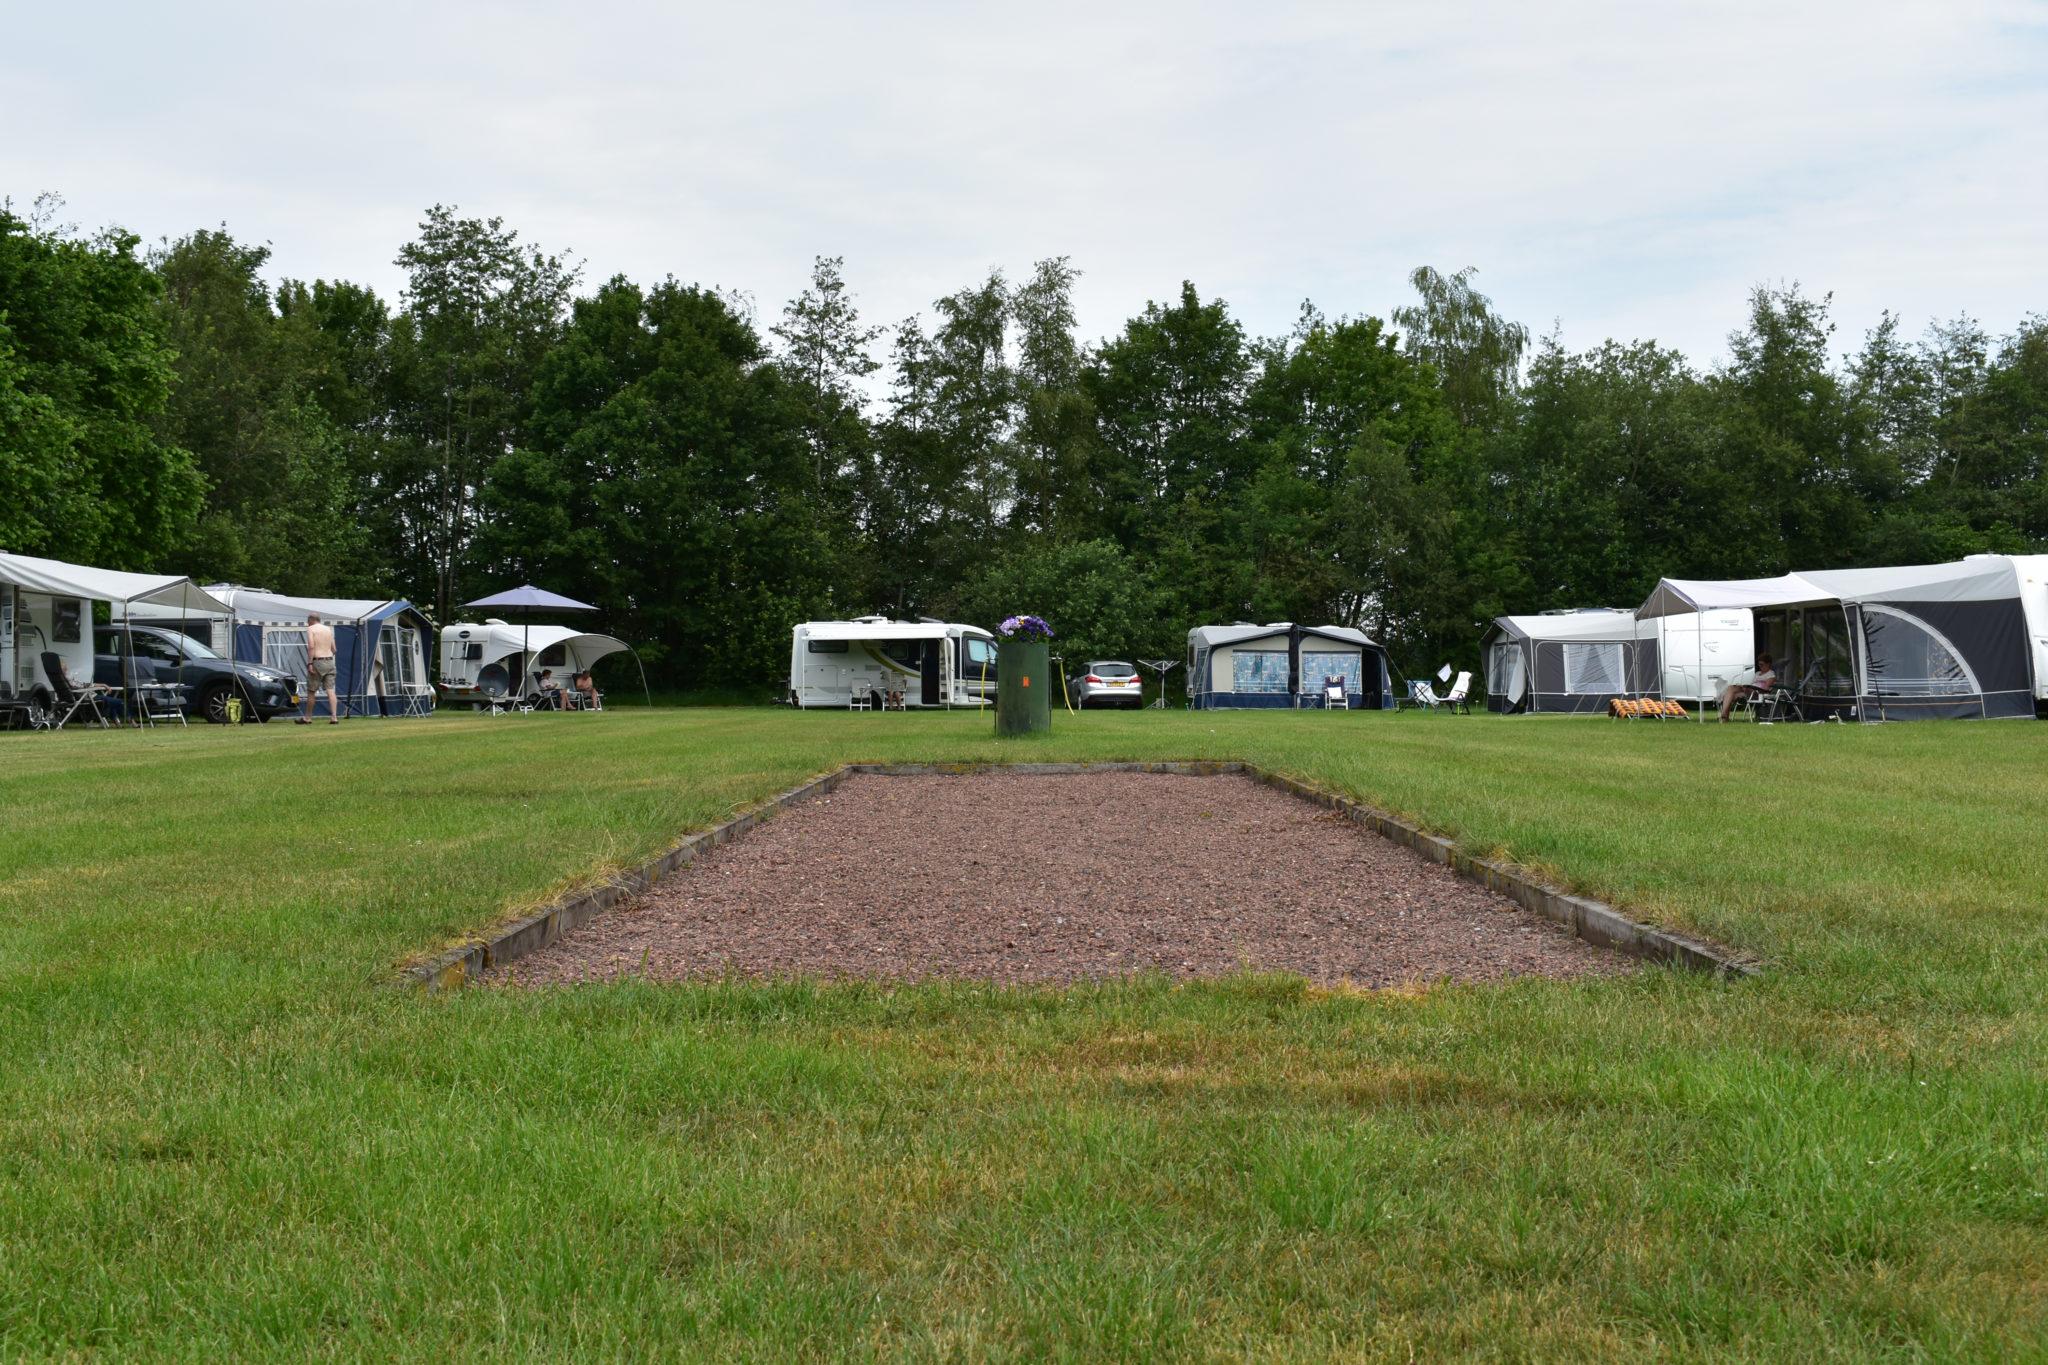 camping harminahoeve jeu de boule baan